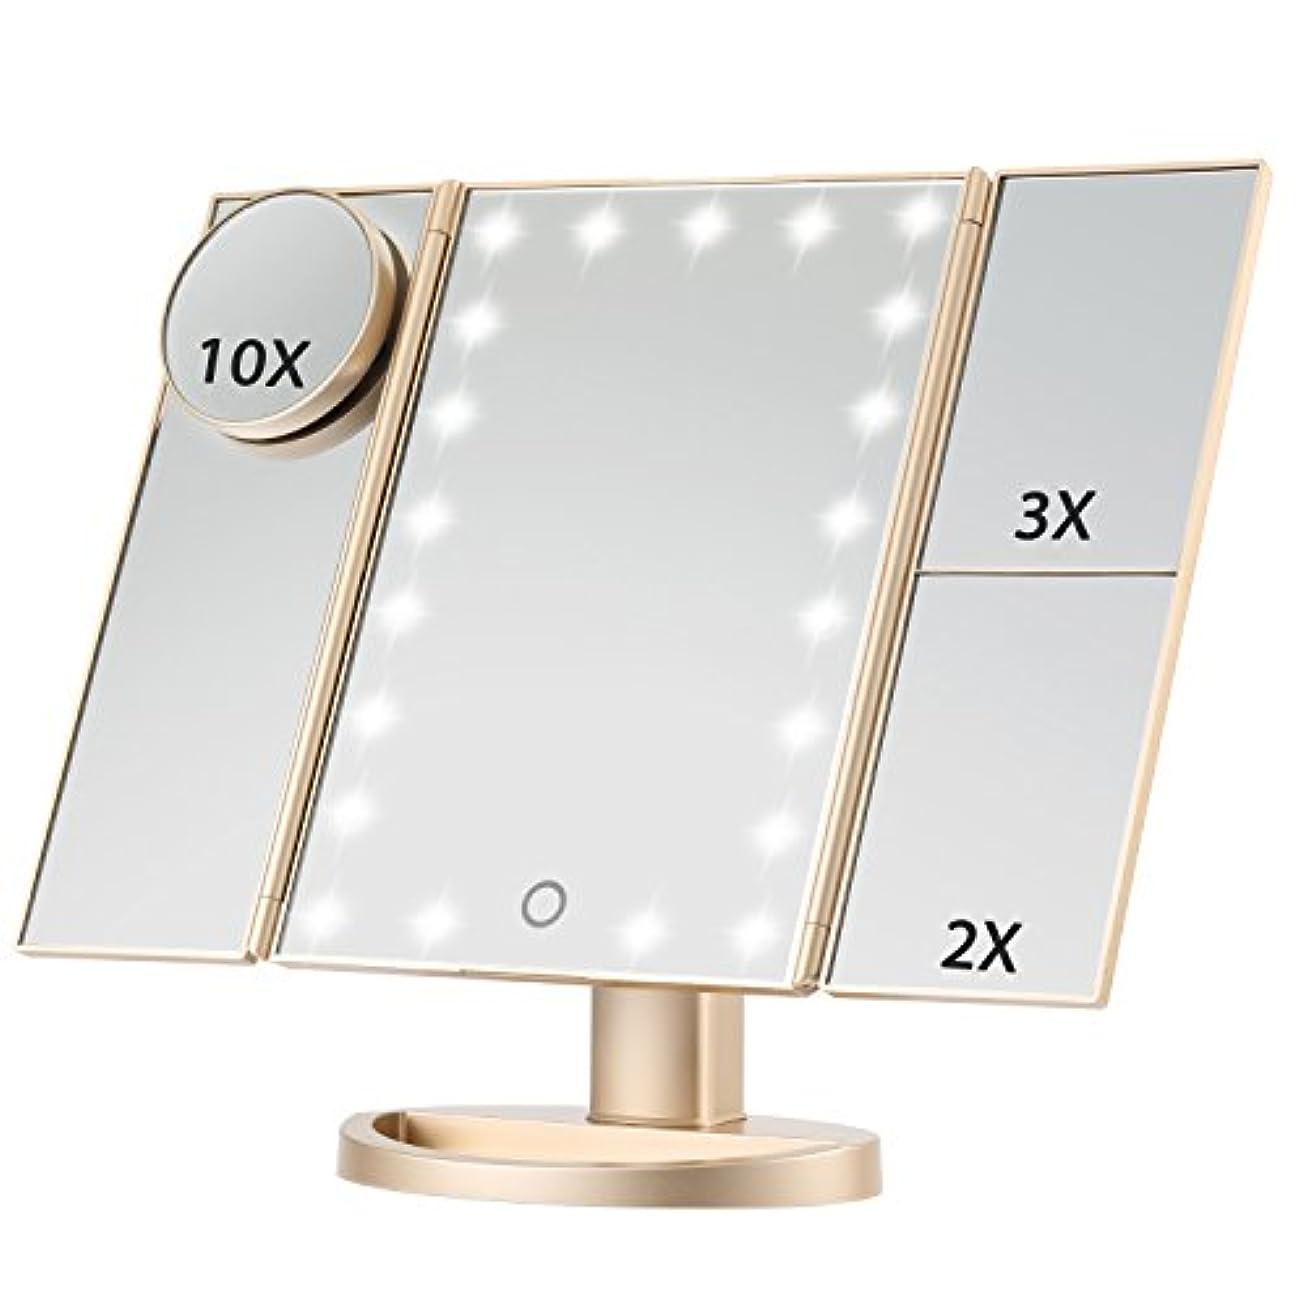 バンドリサイクルするヘルパーMagicfly 化粧鏡 LED三面鏡 ミラー 折り畳み式 10X /3X/2X拡大鏡付き 明るさ調節可能180°回転 電池/USB 2WAY給電 (ゴルード)